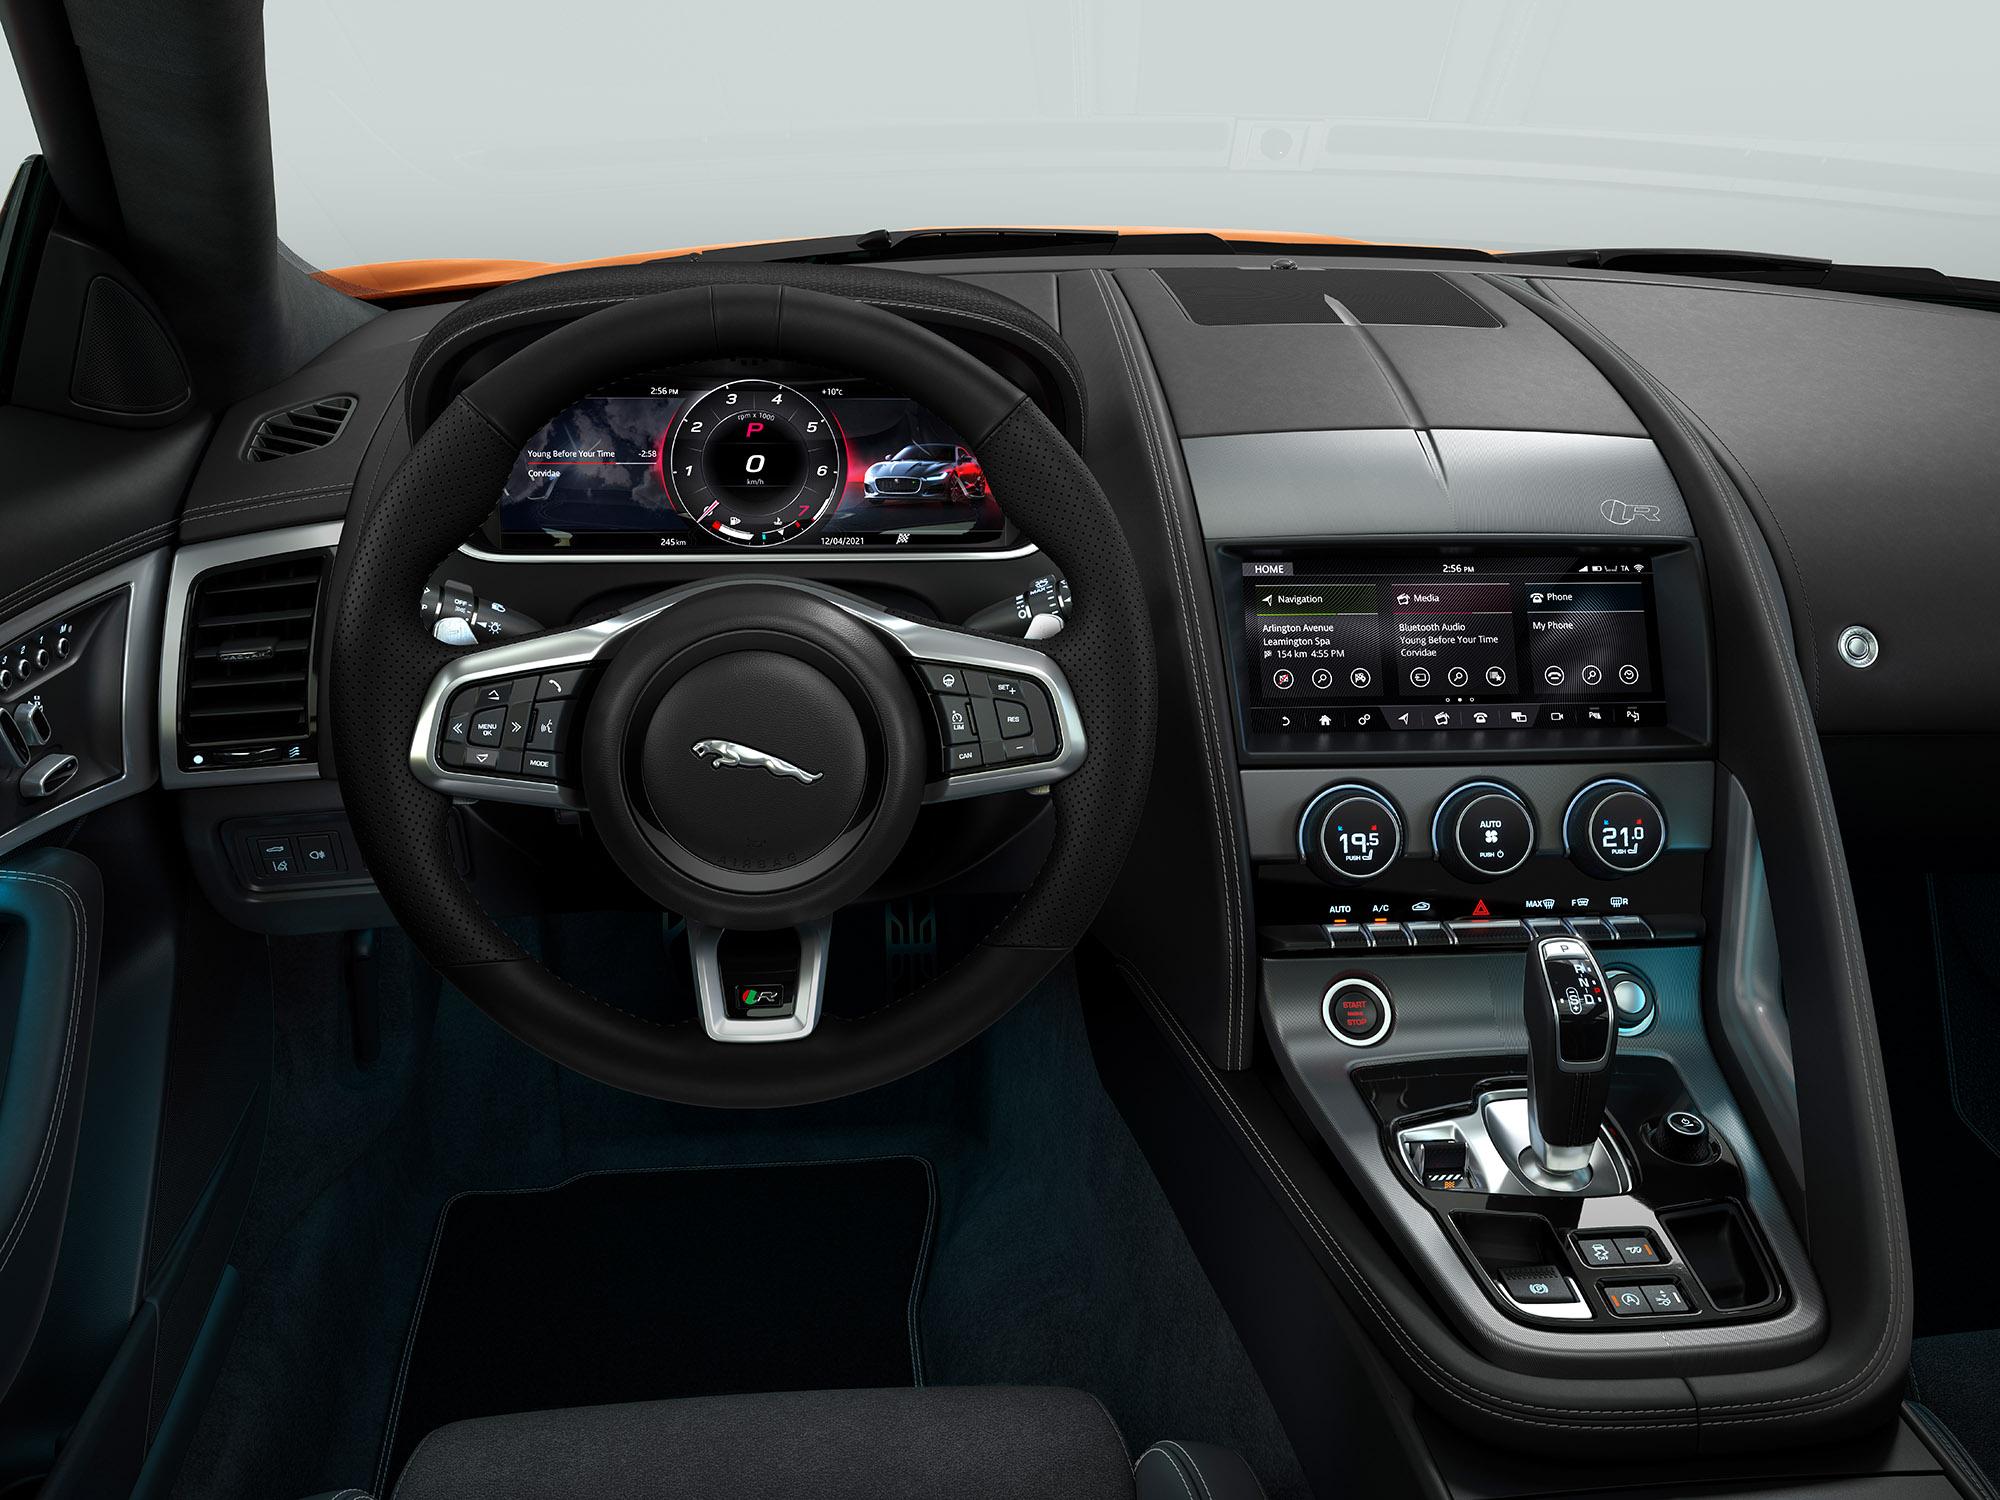 Interieur des Jaguar F-Type E-Dynamic Coupé – Bei der Jaguar Land Rover SVO Tour vom 28.9. bis 9.10.2021 bei Auto Stahl Wien 22 erleben!